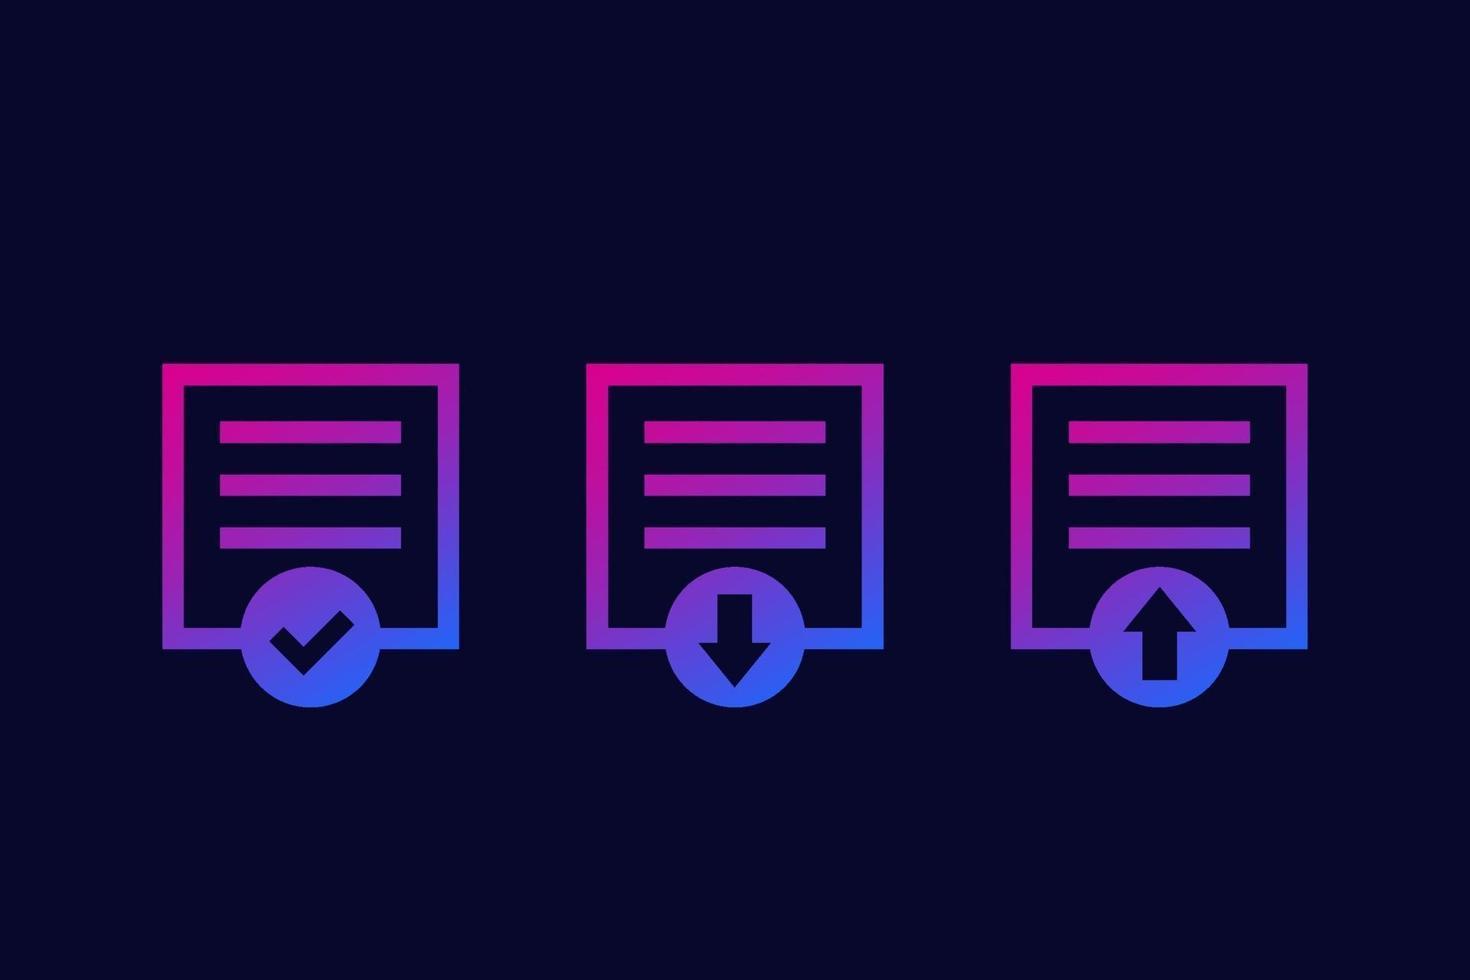 download de documentos, upload e ícones de acabamento, vector.eps vetor